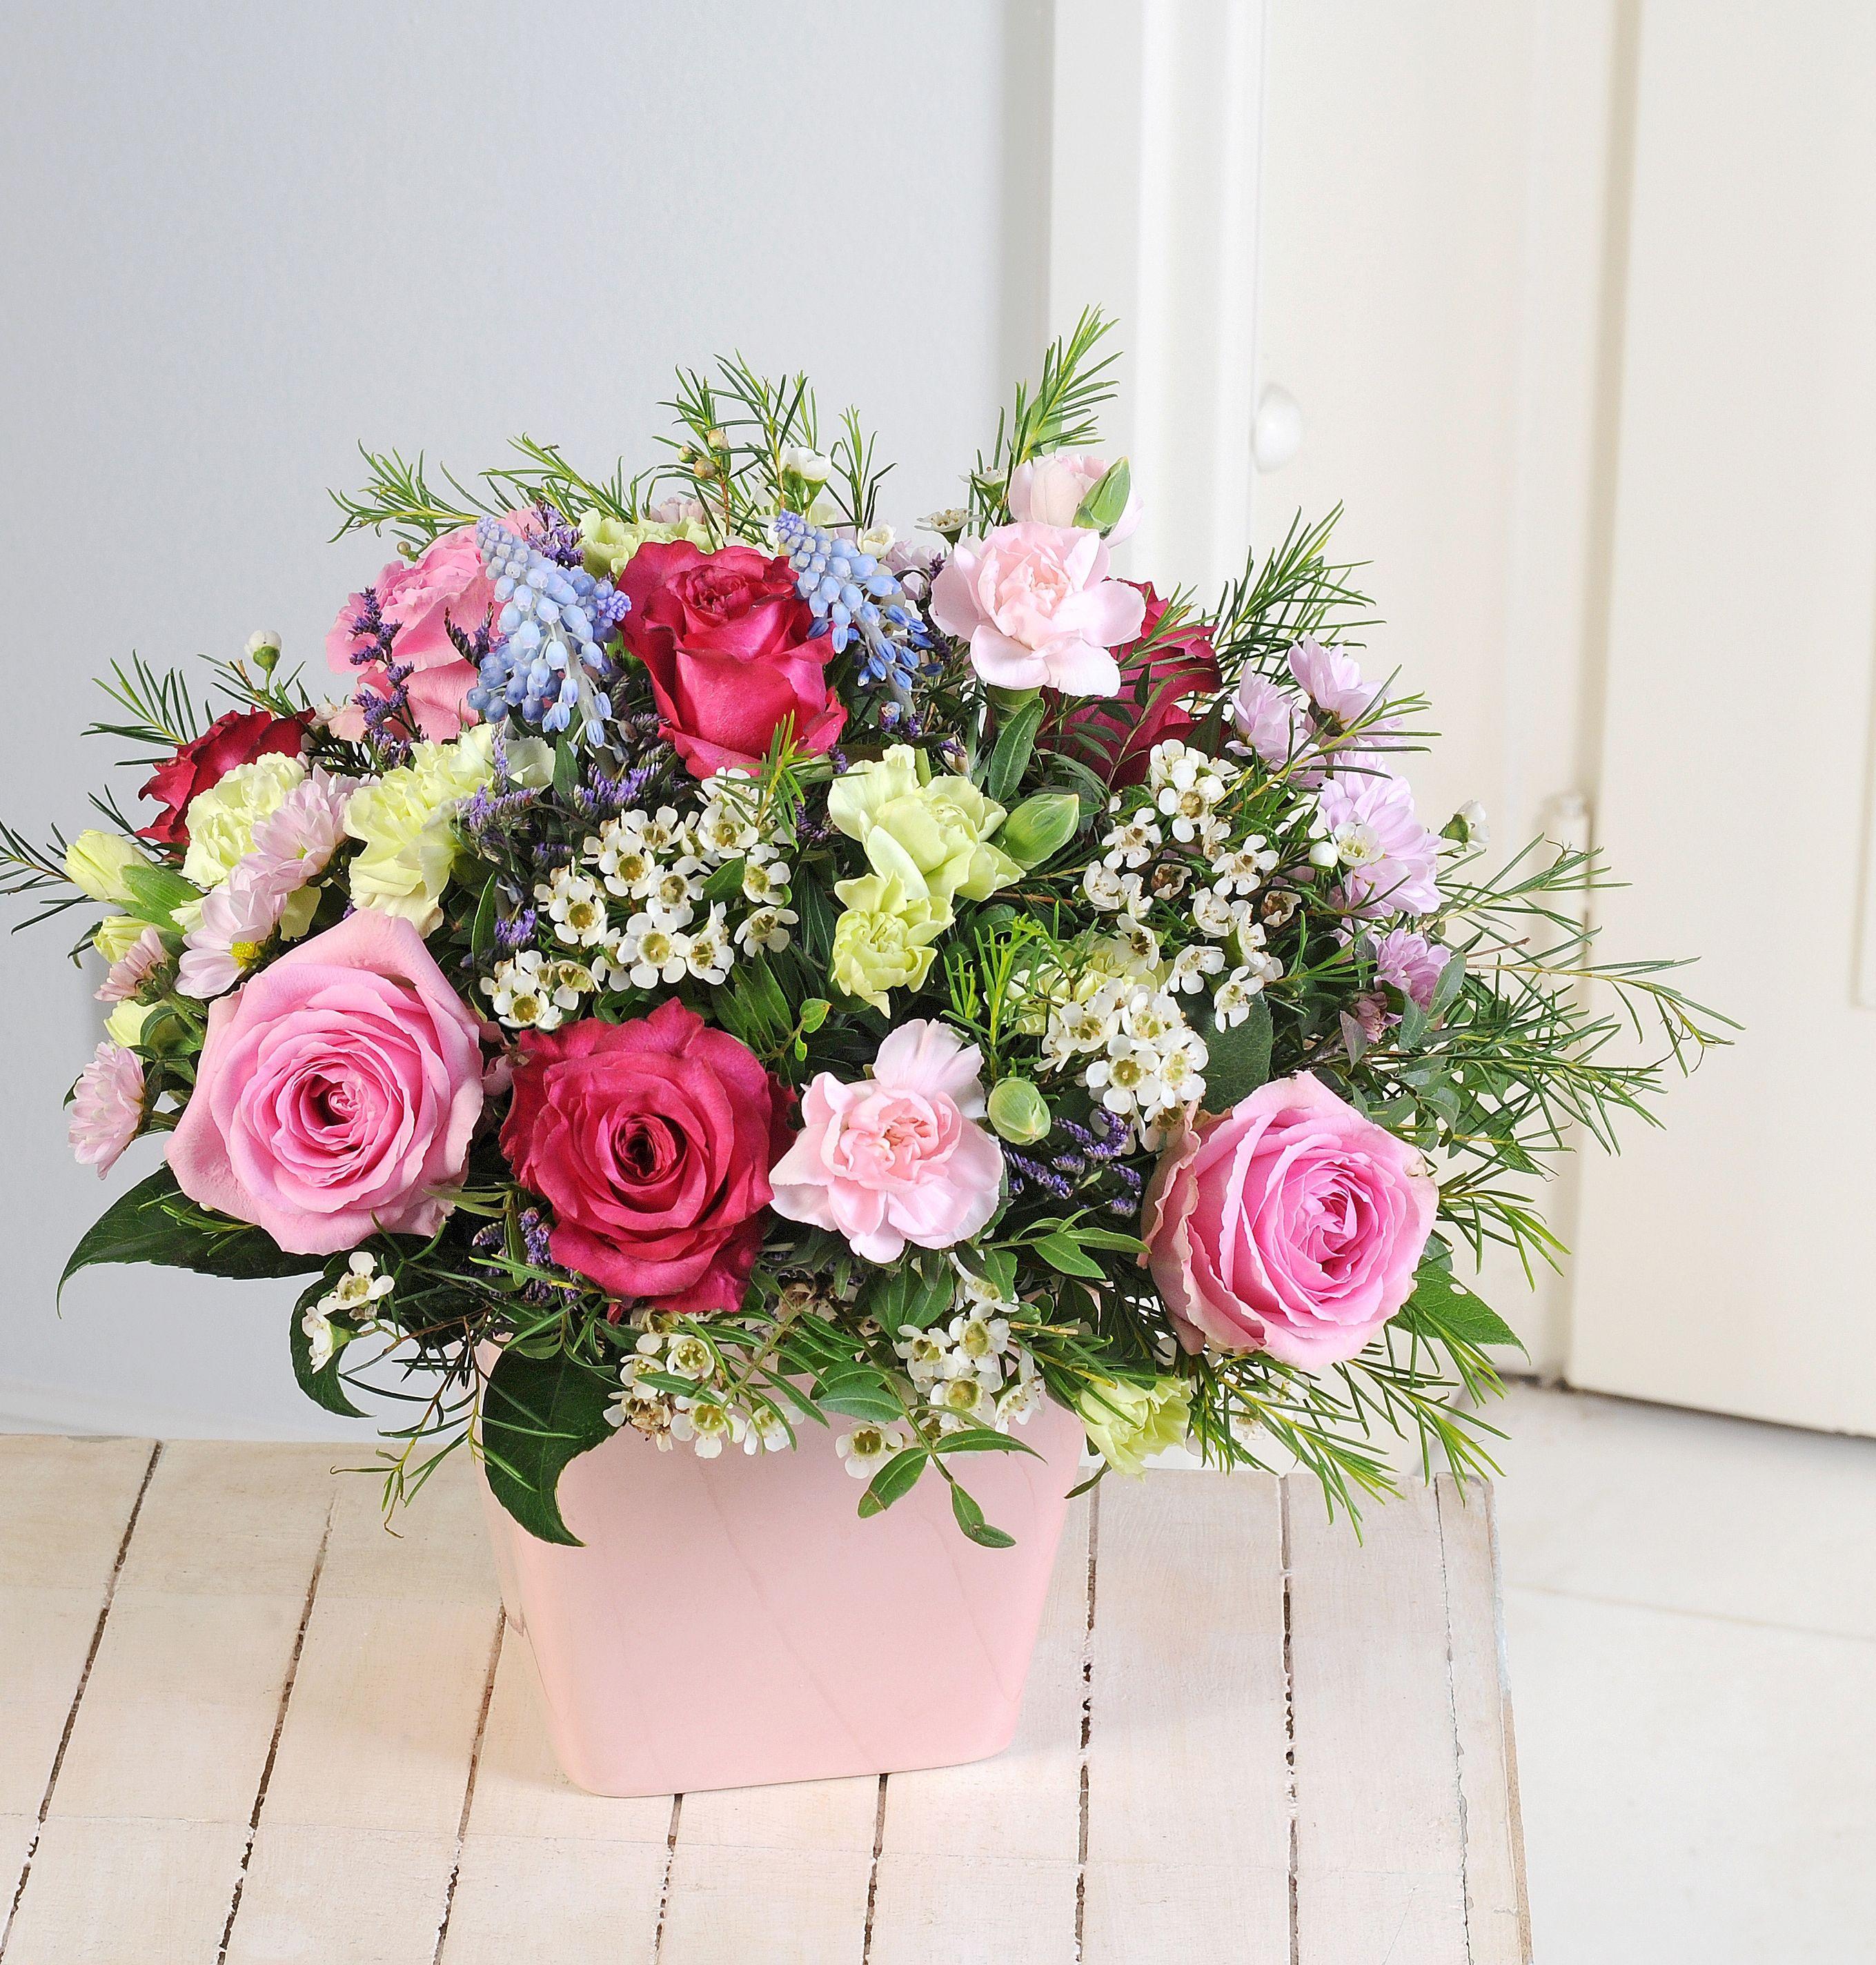 Pin Von Anne Wegener Auf Geburtstag In 2020 Blumenstrauss